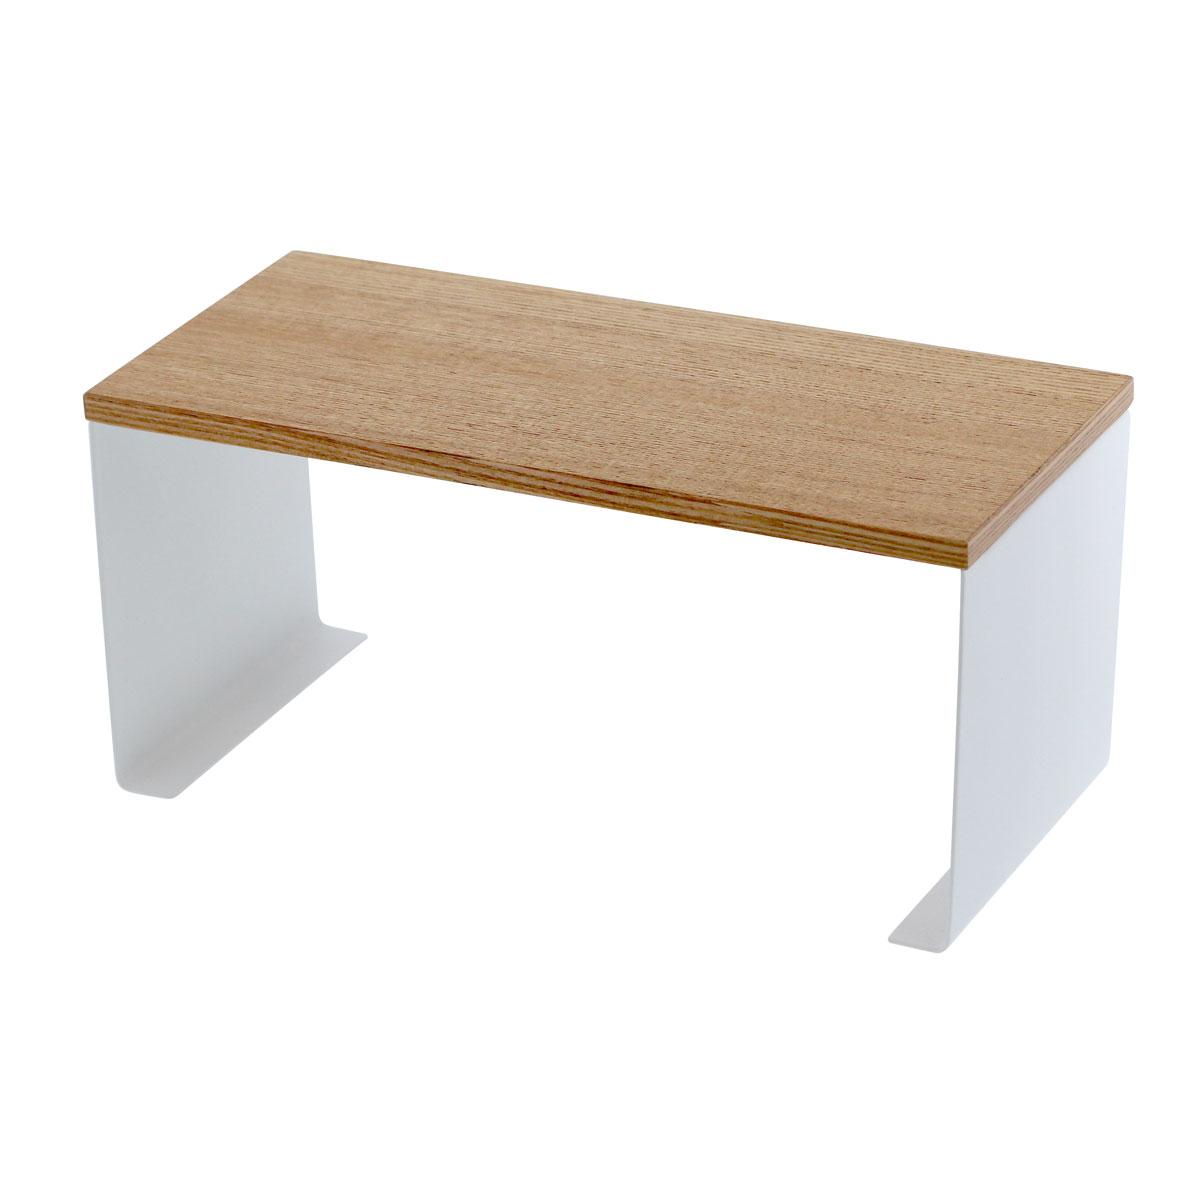 キッチンラック ディッシュラック 木製 コの字 キッチンコの字ラック トスカ 03922